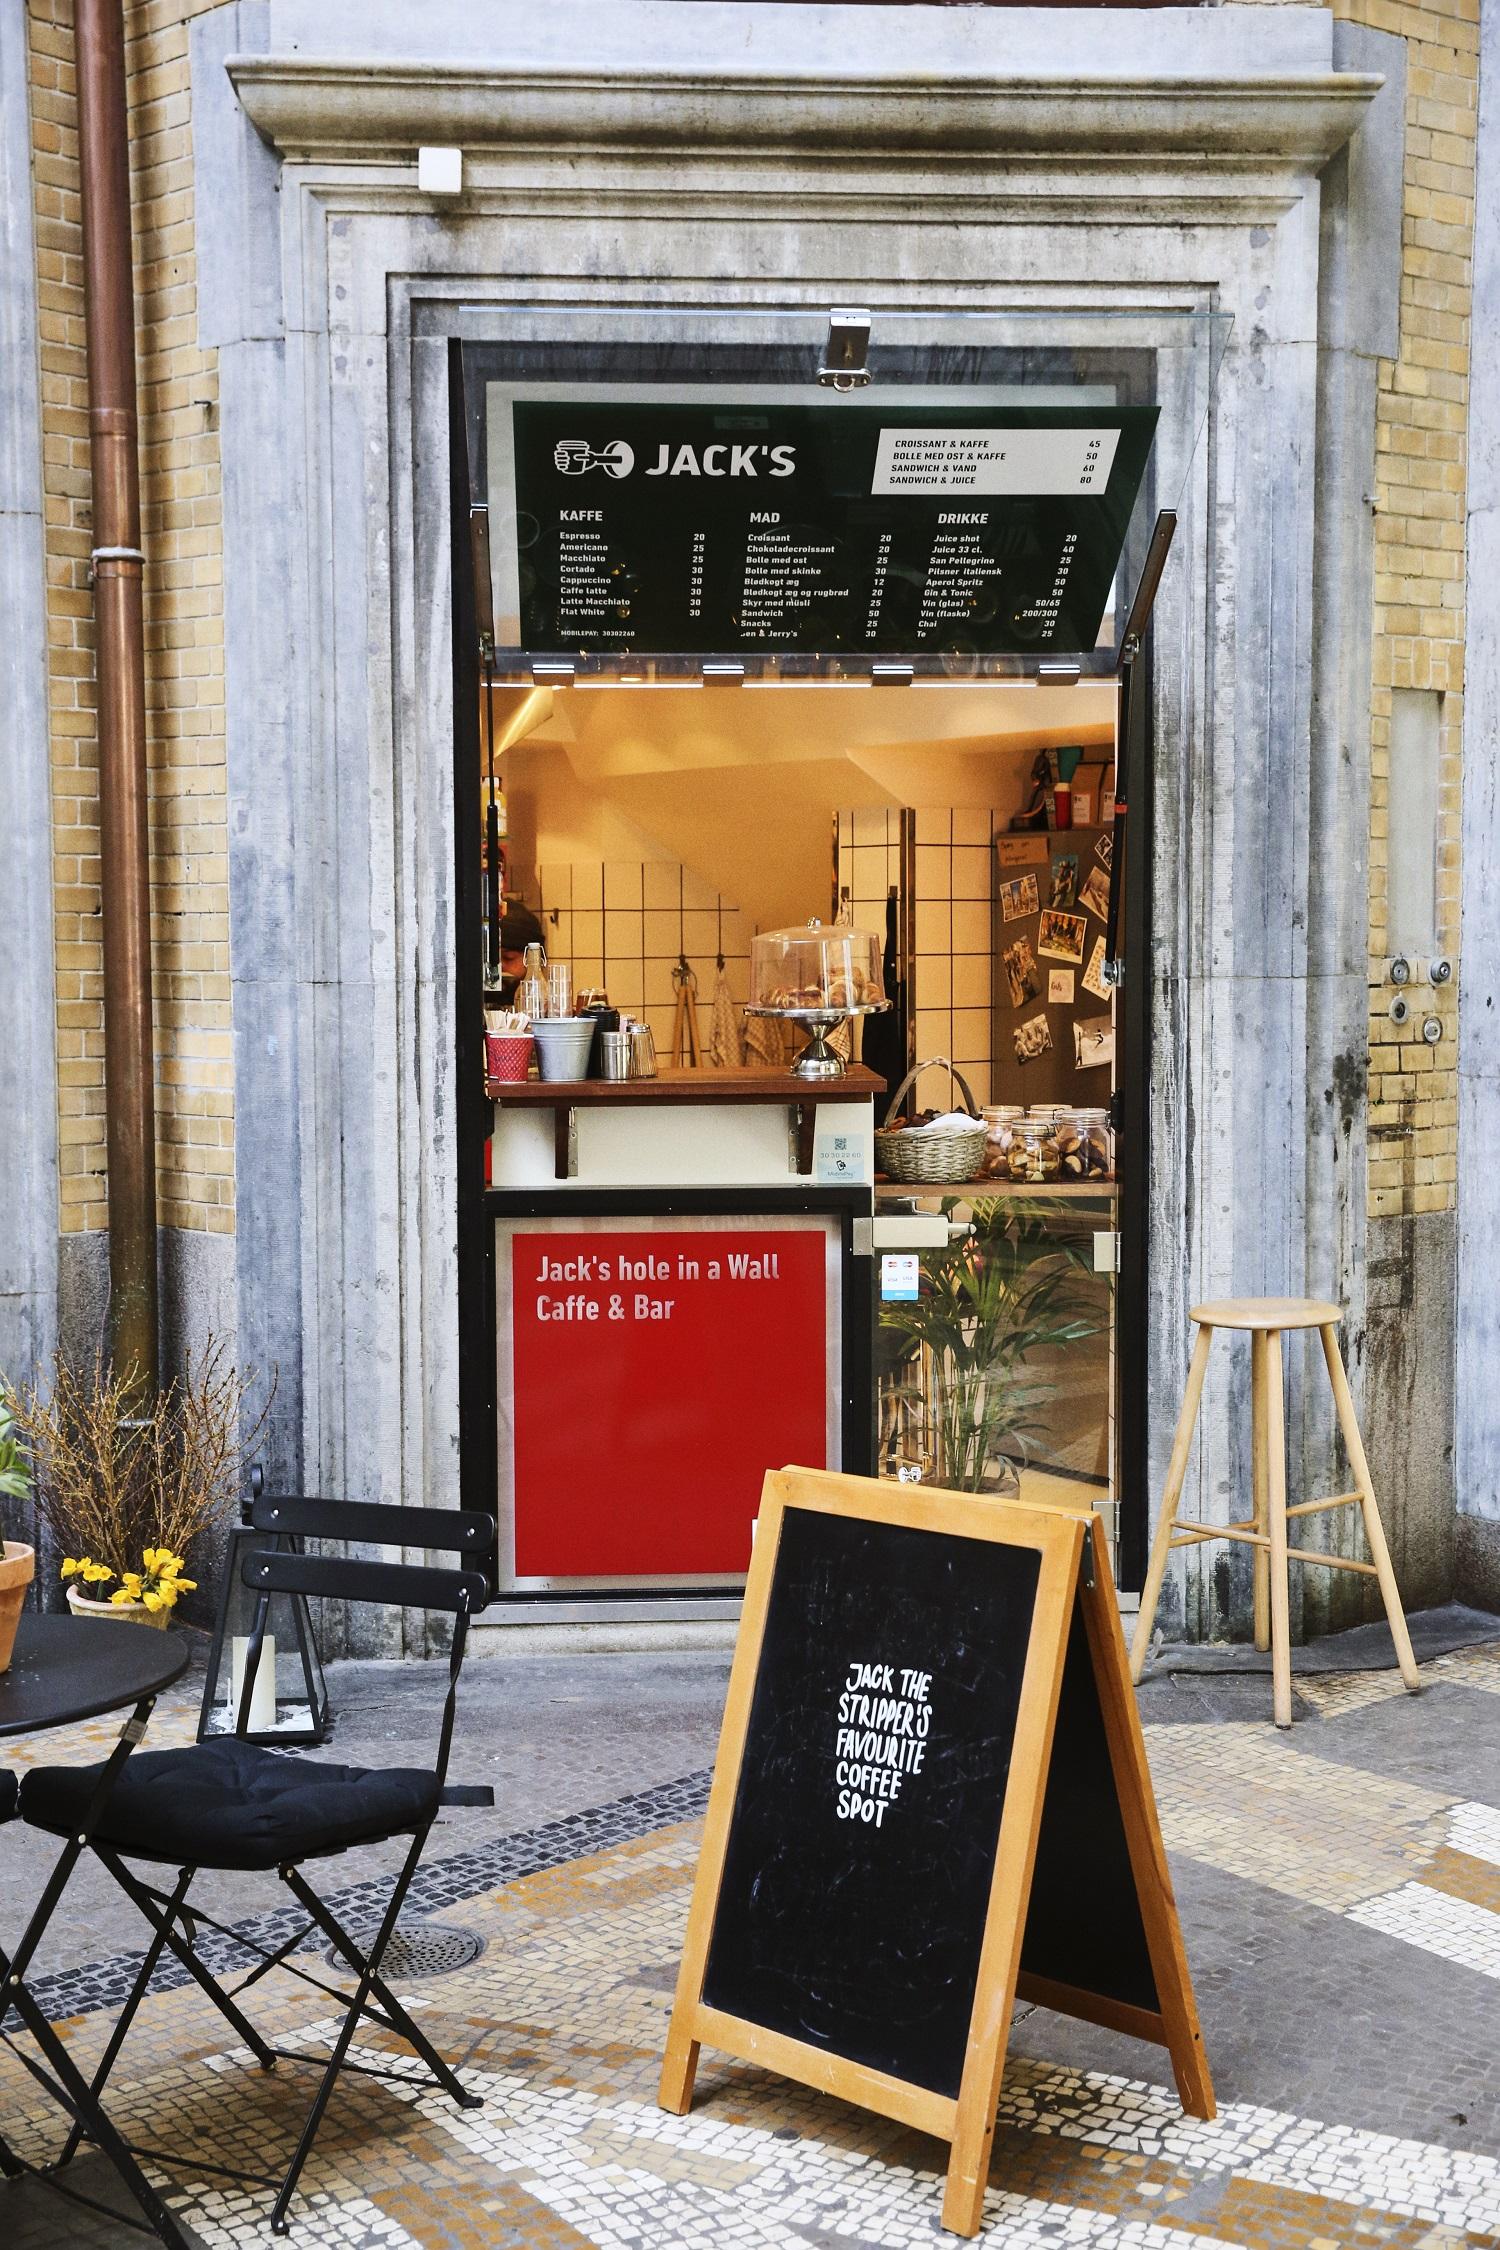 Jack's by Polina_004 kopier